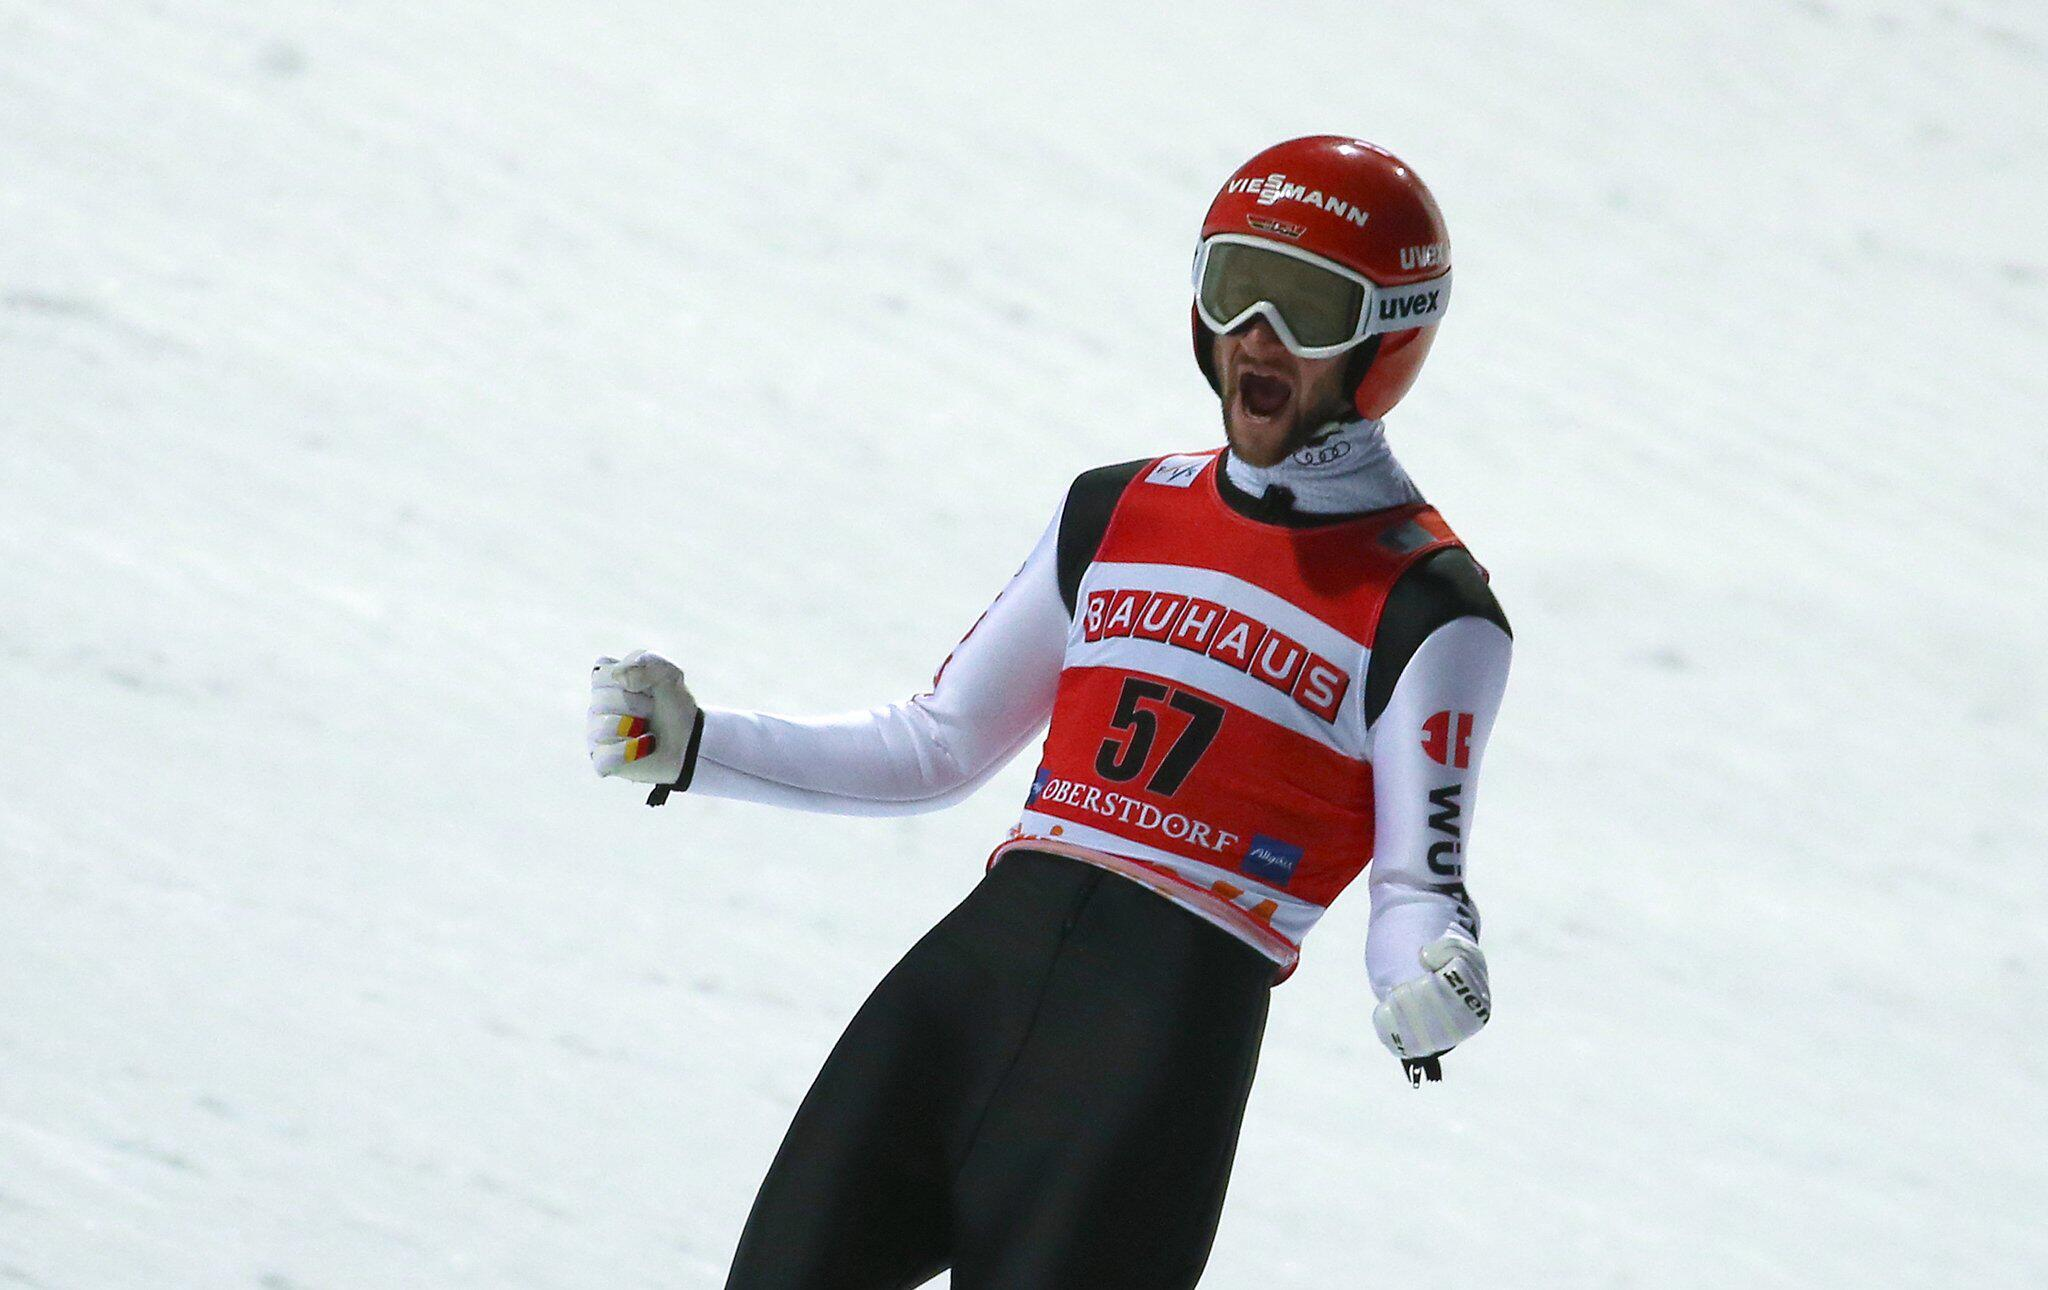 Bild zu Weltcup Skispringen Oberstdorf